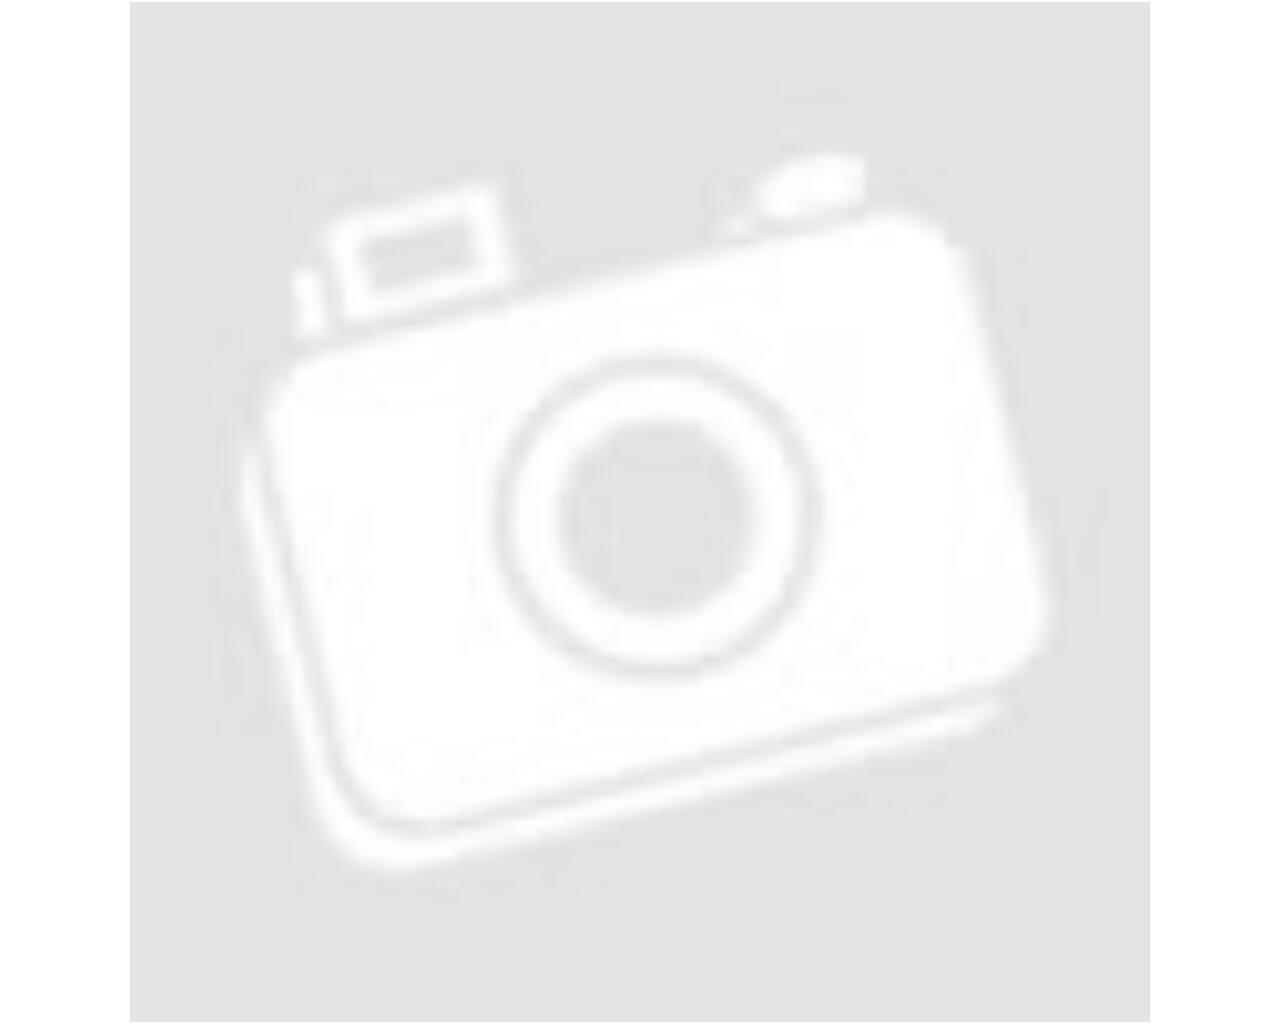 Gipszkarton Tűzálló 12,5 x 1200 x 2600 mm